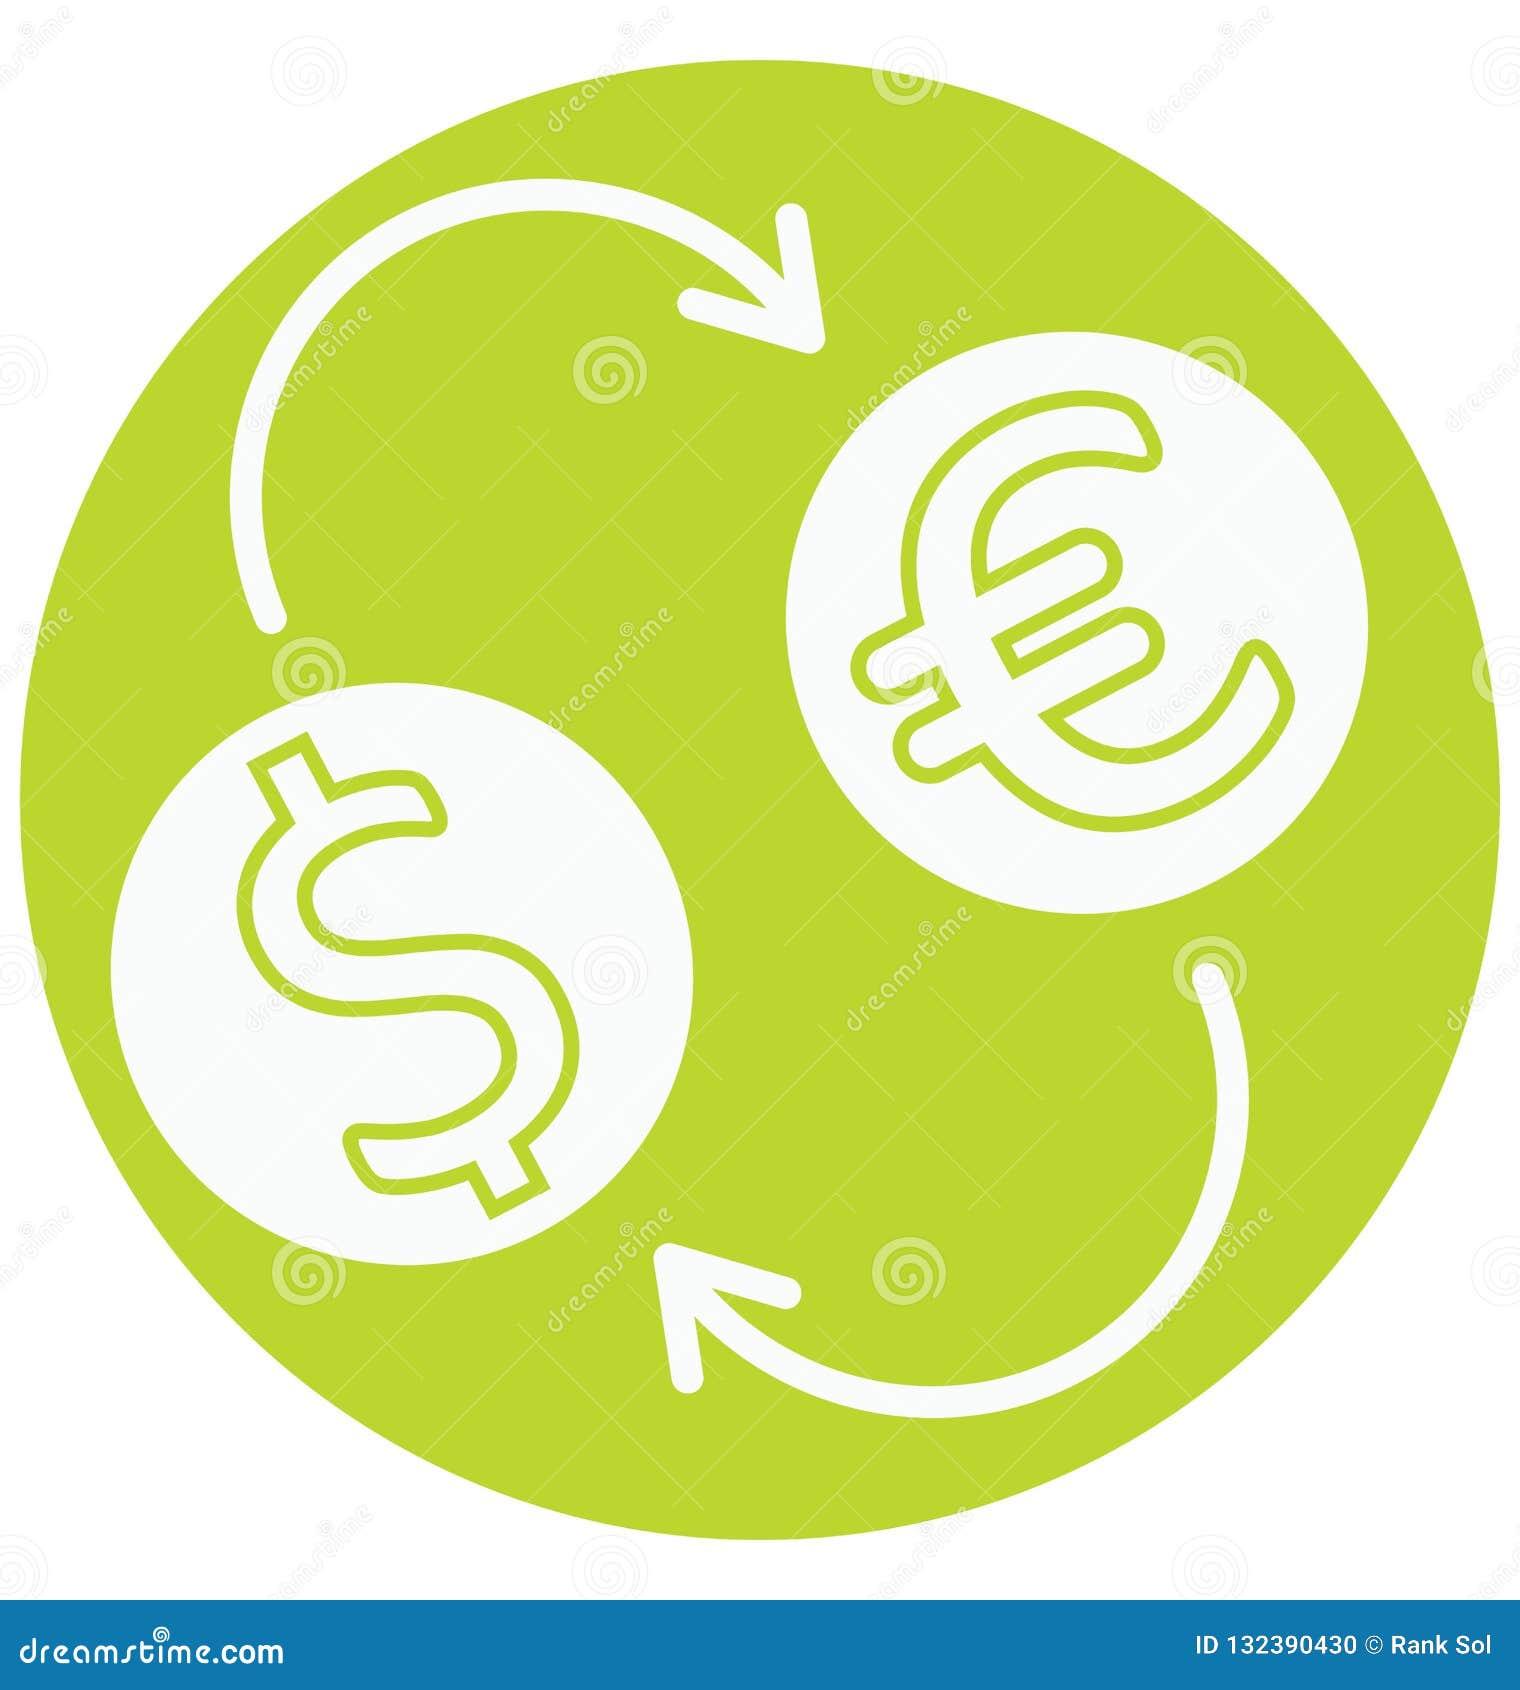 Η ανταλλαγή νομίσματος απομόνωσε το διανυσματικό εικονίδιο που μπορεί να είναι εκδίδει εύκολα ή τροποποίησε